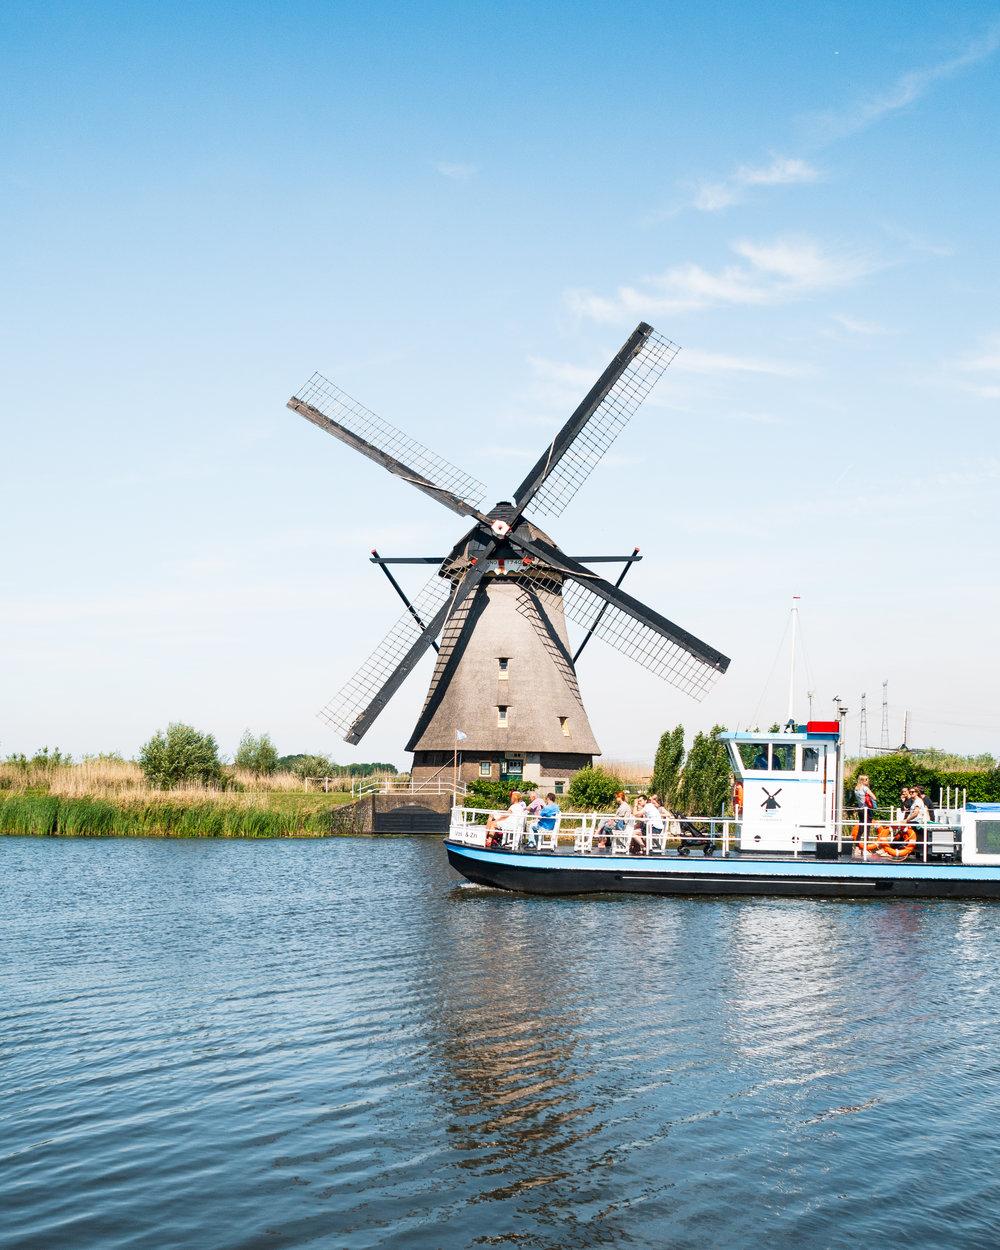 RotterdamMarriott-6.jpg